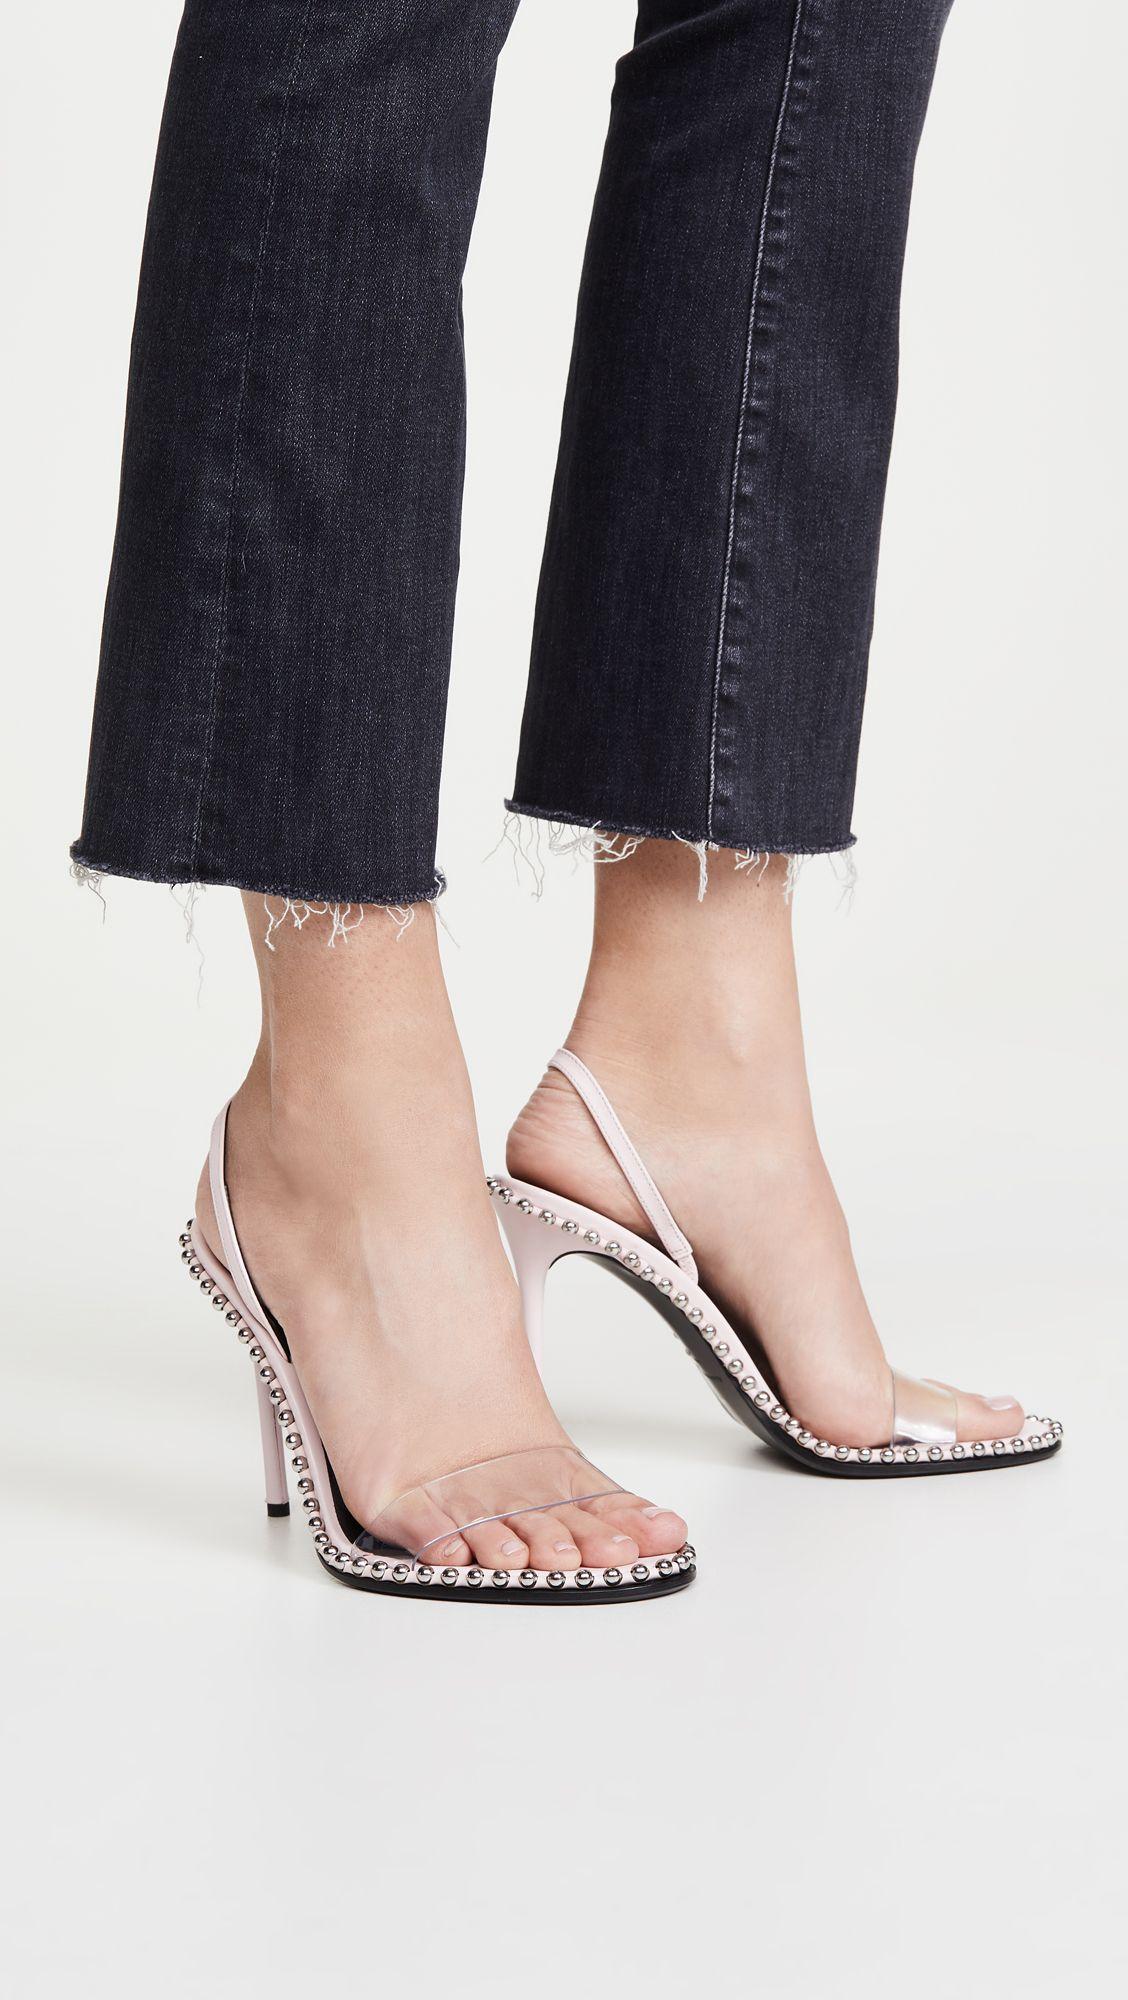 Nova Sandals In 2020 Kitten Heels Heels Fashion